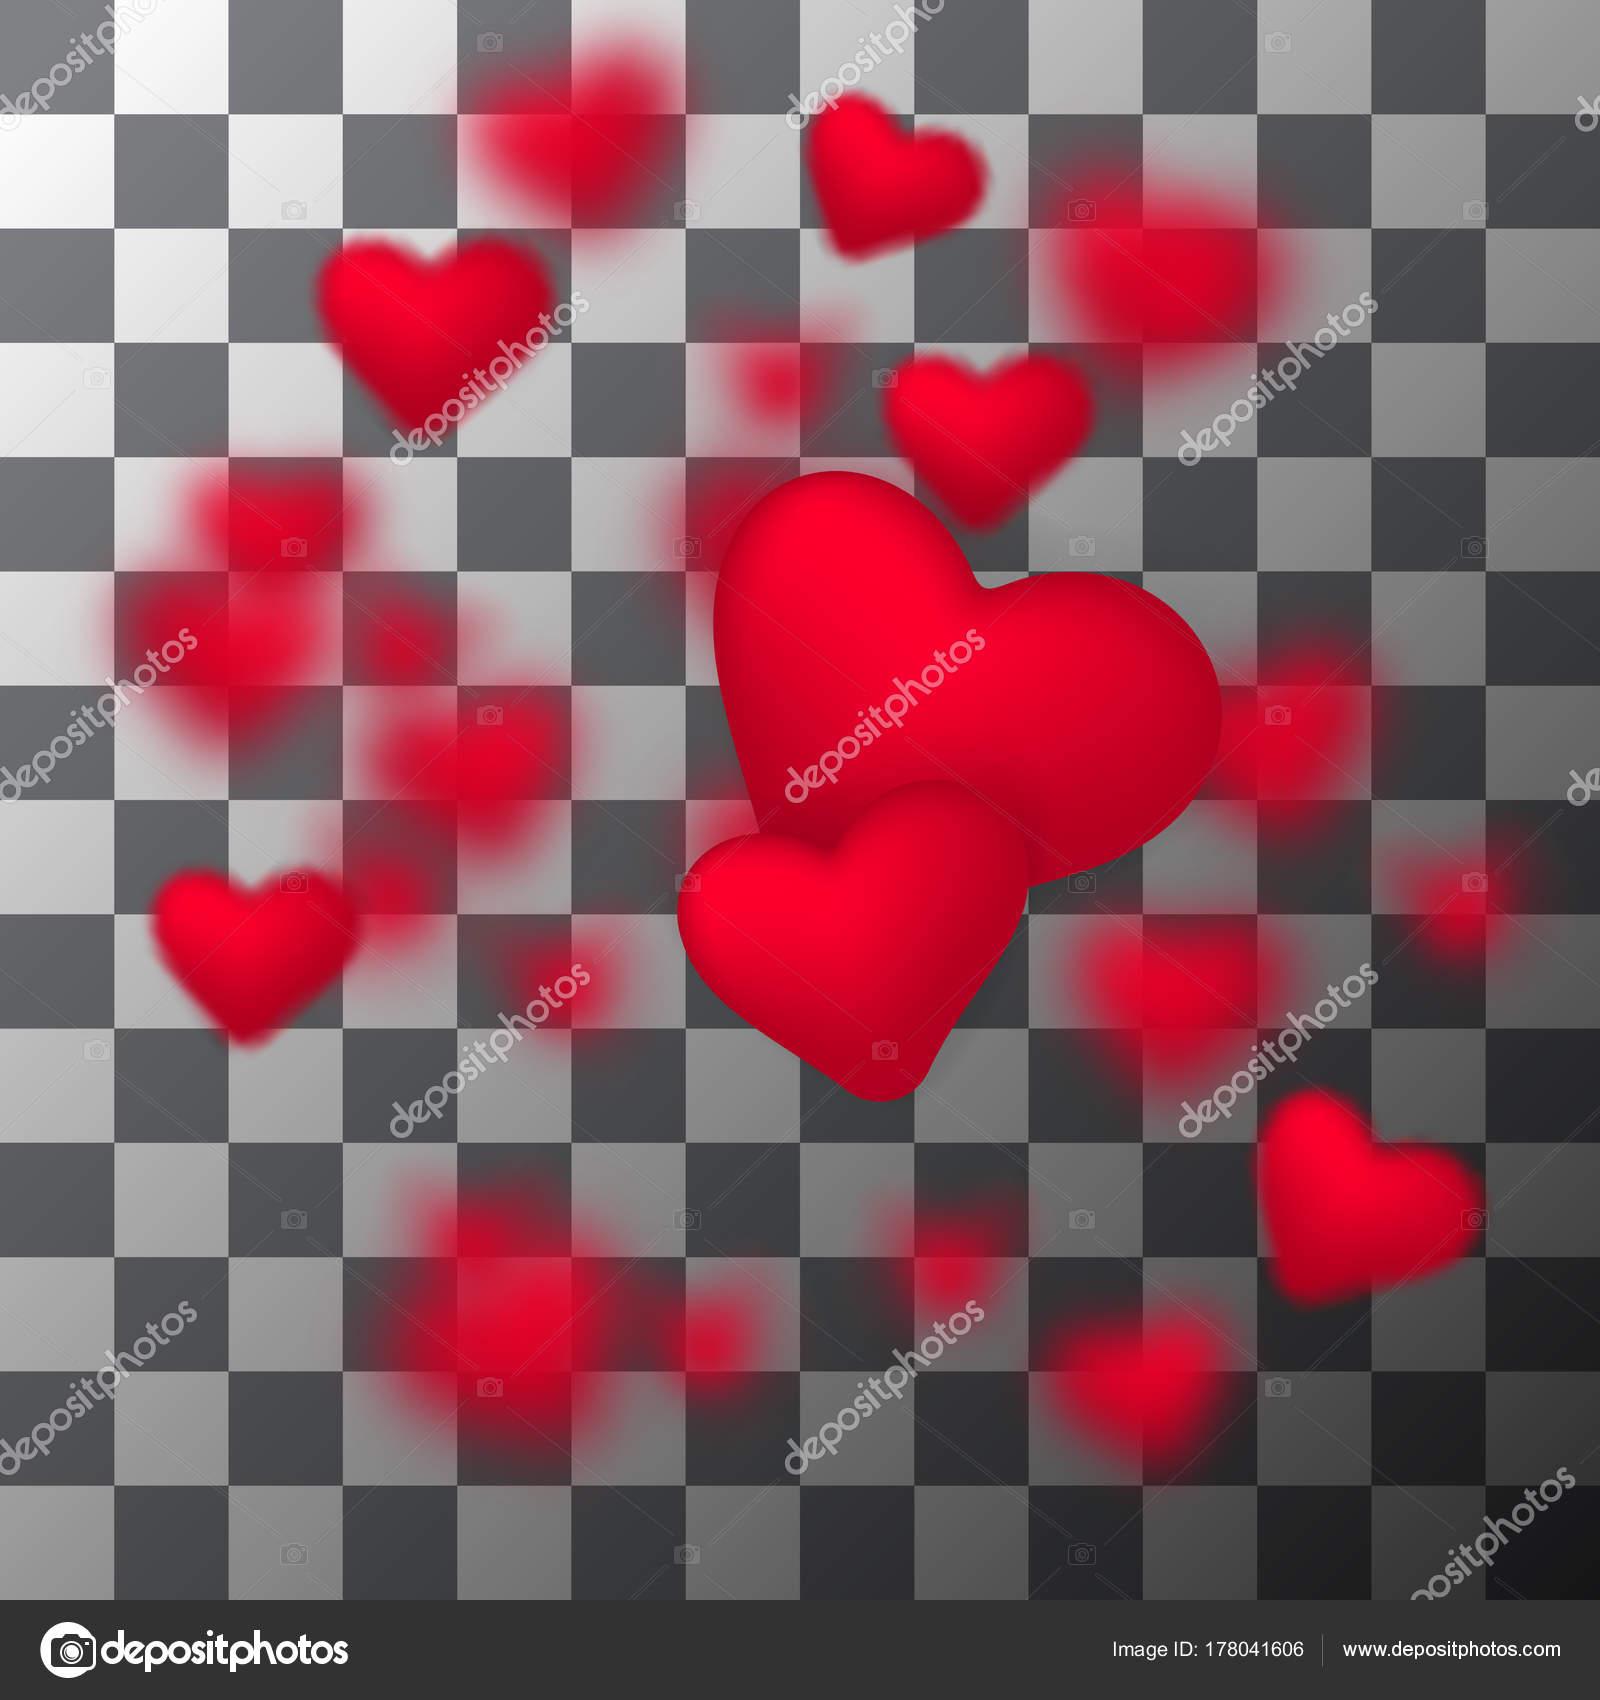 Vektor Rahmen fallenden kleine funkelnde rote Herzen auf ...